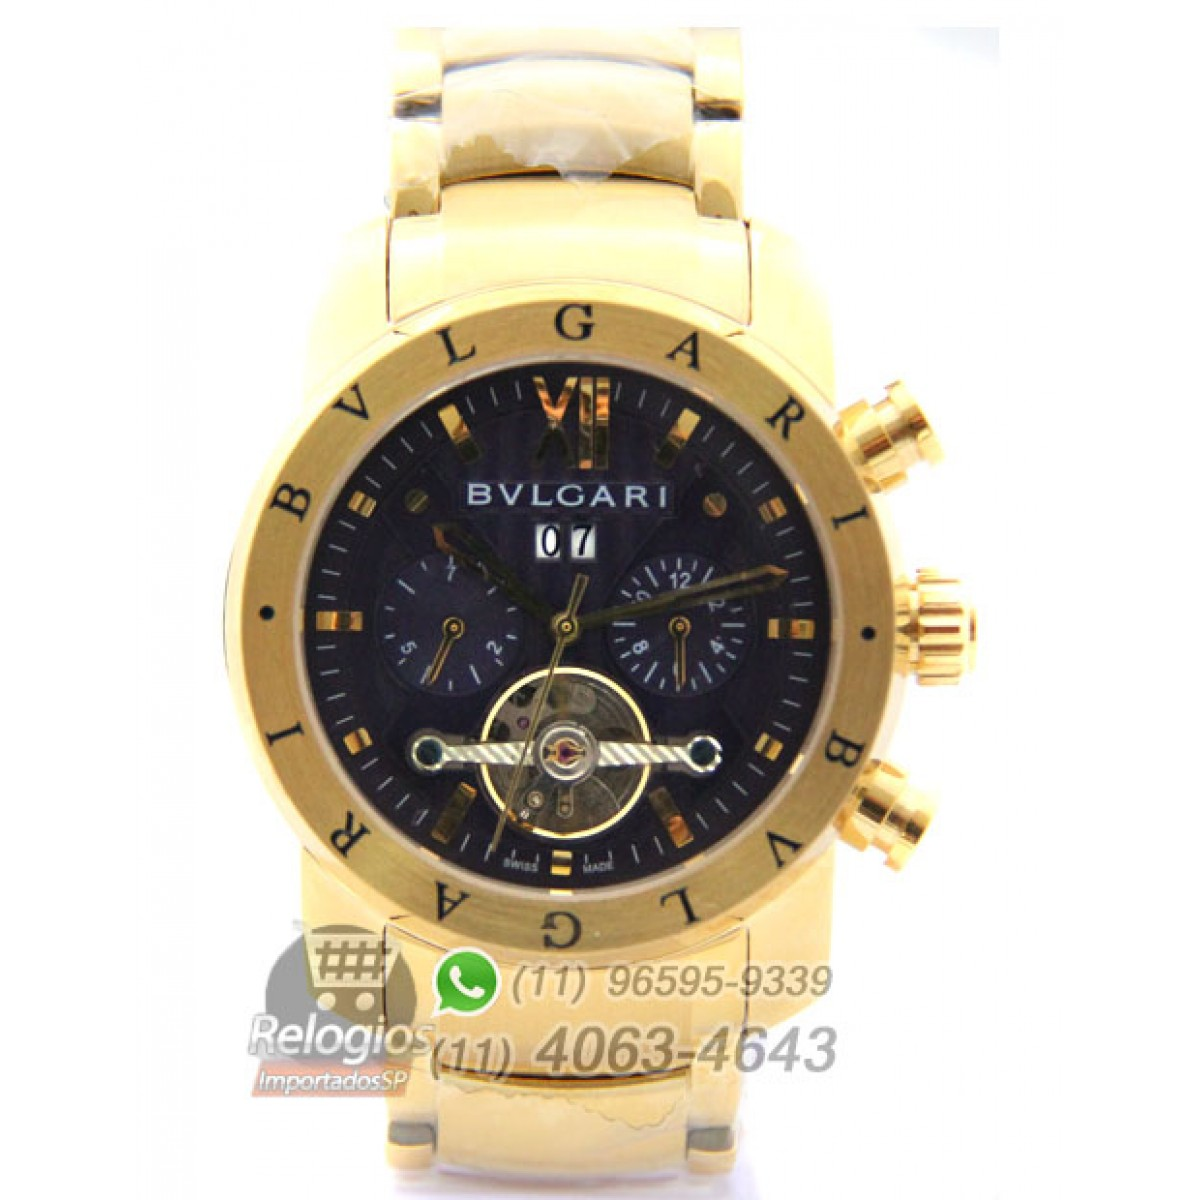 f3e6fd9feca Relógio Réplica Bulgari Homem de Ferro Dourado Preto